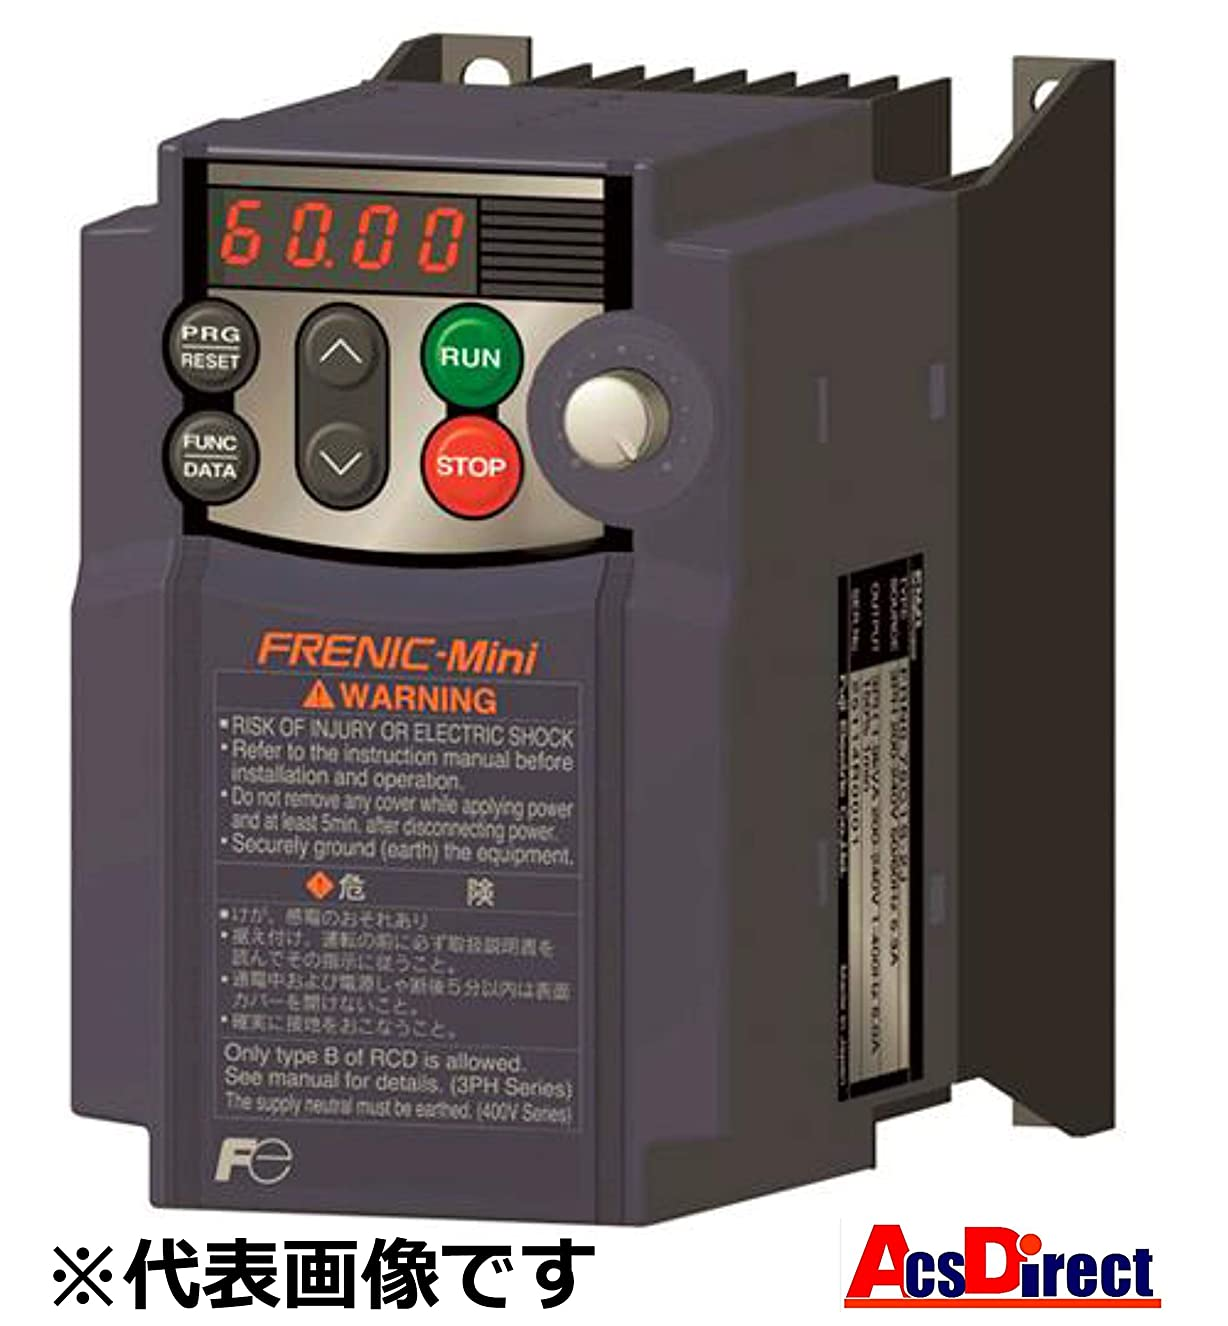 詳細に必要にもかかわらず富士電機 FRN1.5C2S-7J 単相200V入力 / 三相200V出力 1.5KW コンパクト形 FRENIC-Mini(C2)シリーズ